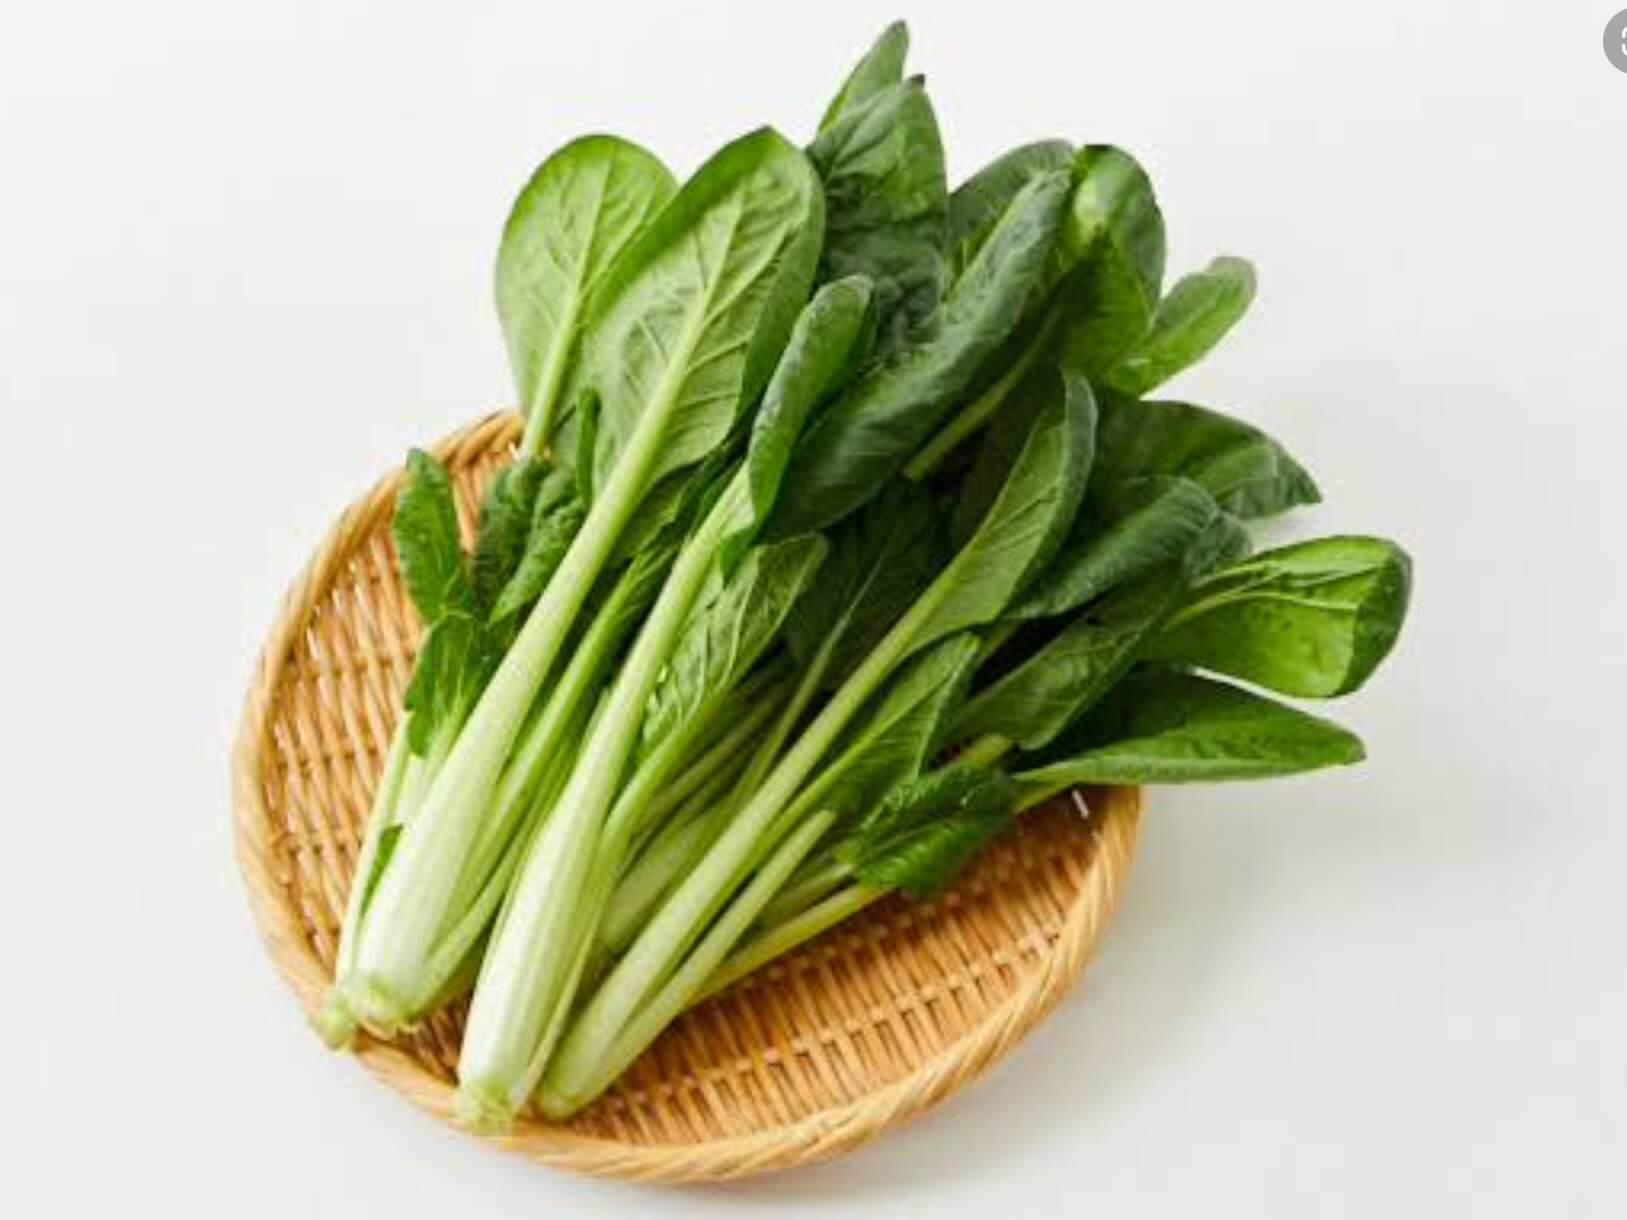 お知らせ|愛知県安城市 暮らしのお店野菜の紹介です